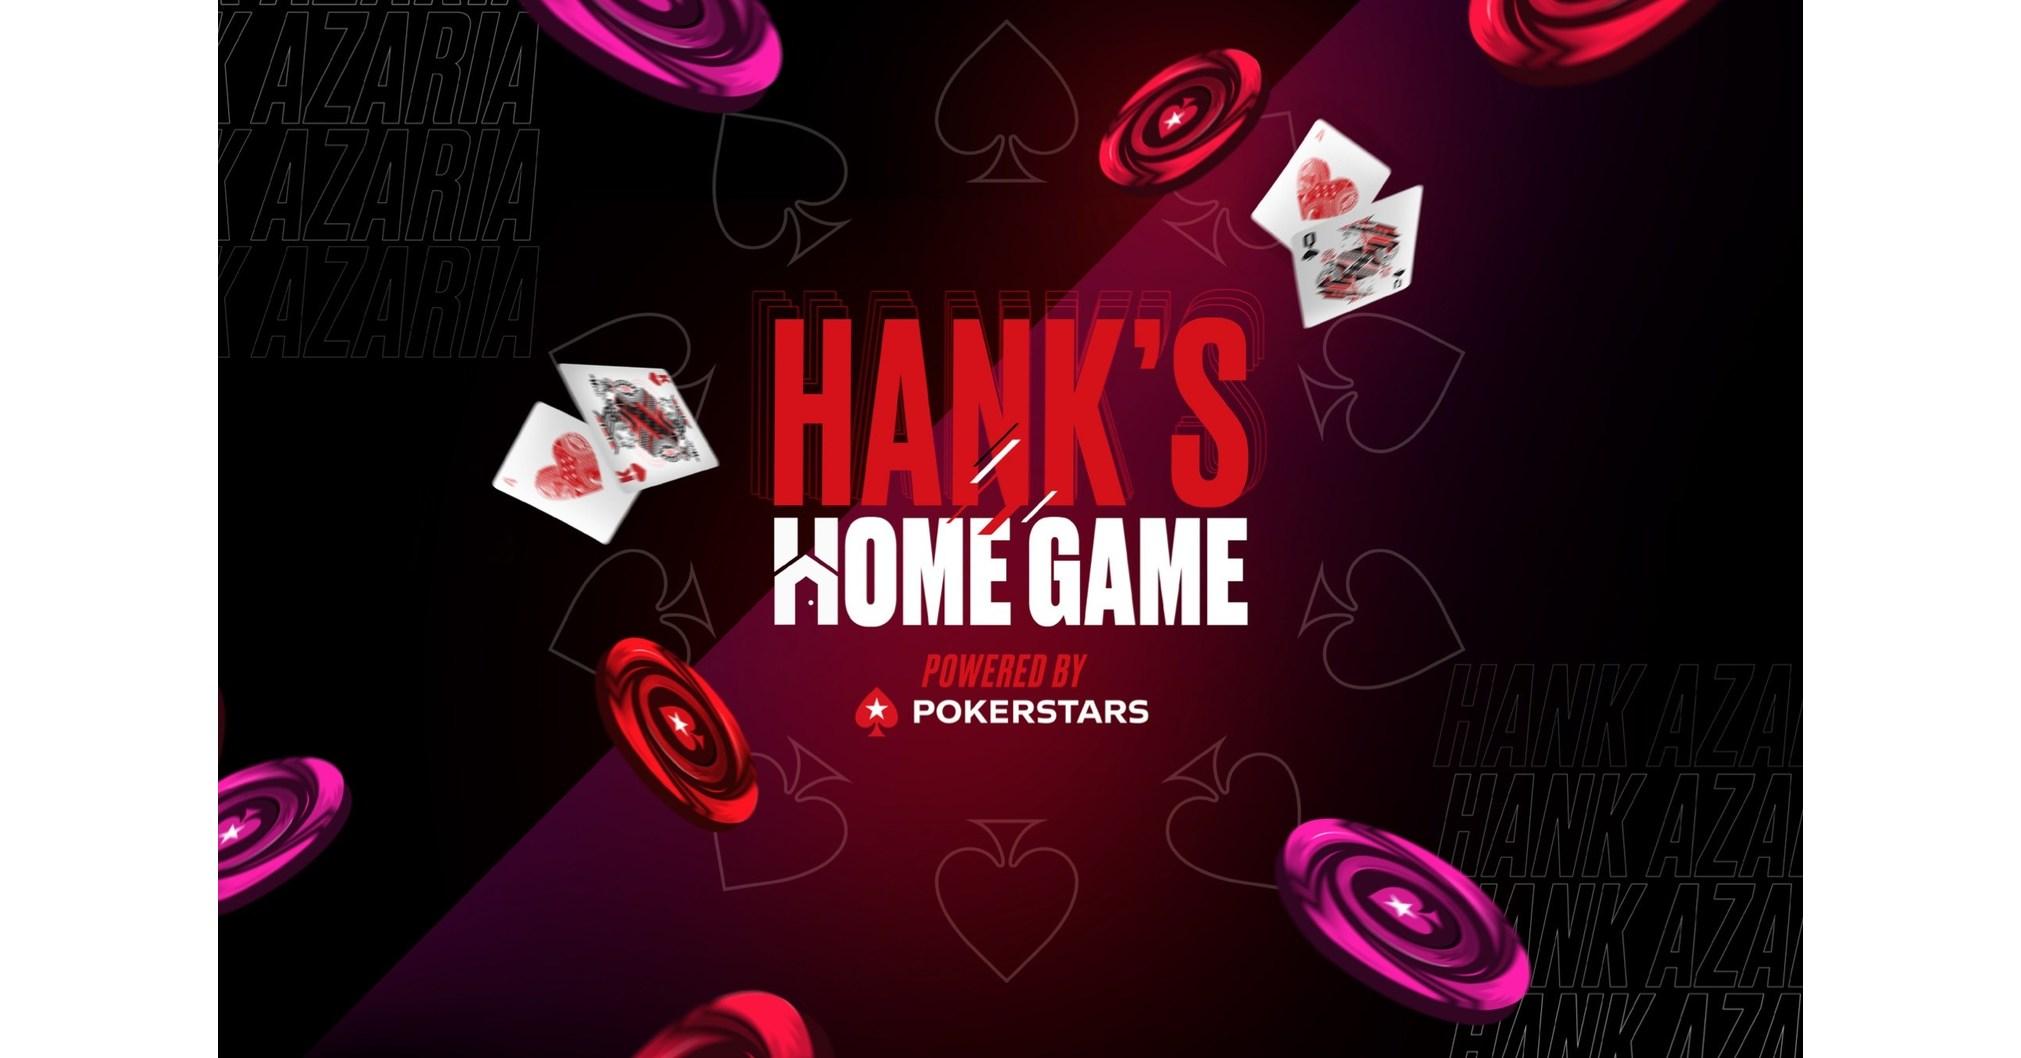 Покер ам фильм смотреть онлайн ограбление казино смотреть онлайн в хорошем качестве 720p